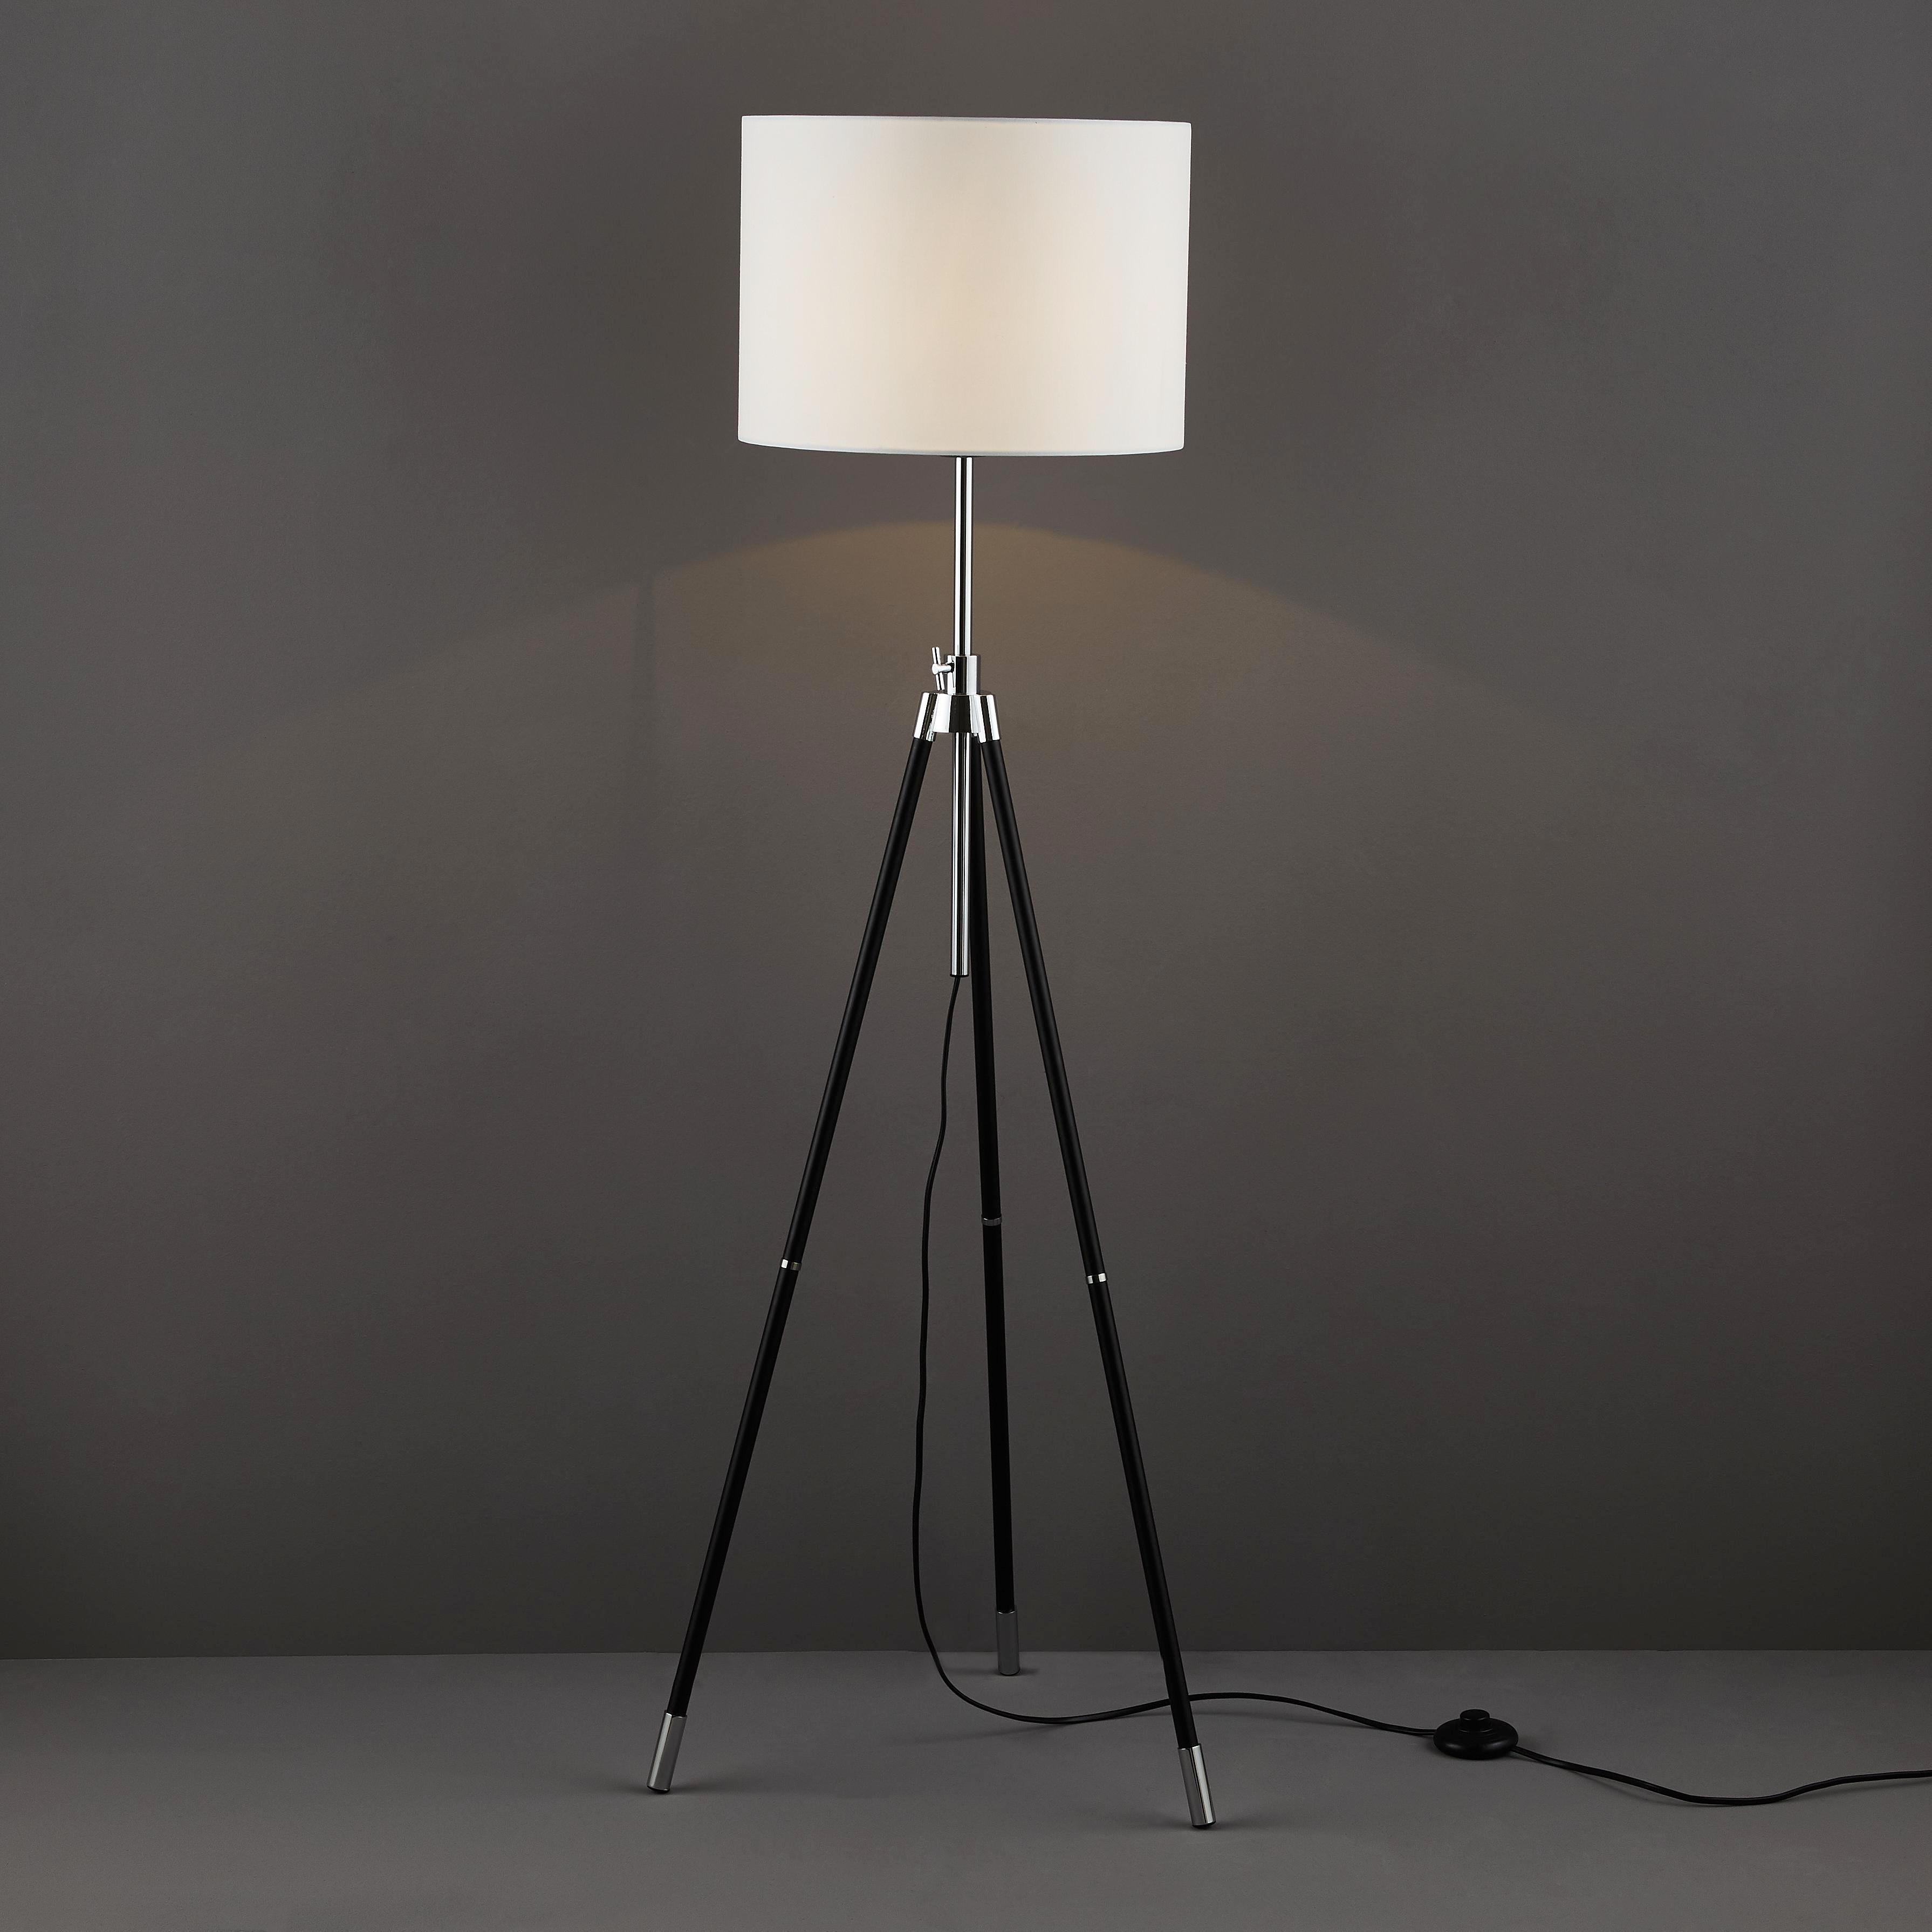 STEHLEUCHTE - Schwarz/Weiß, LIFESTYLE, Textil/Metall (35/134,5cm) - NOVEL